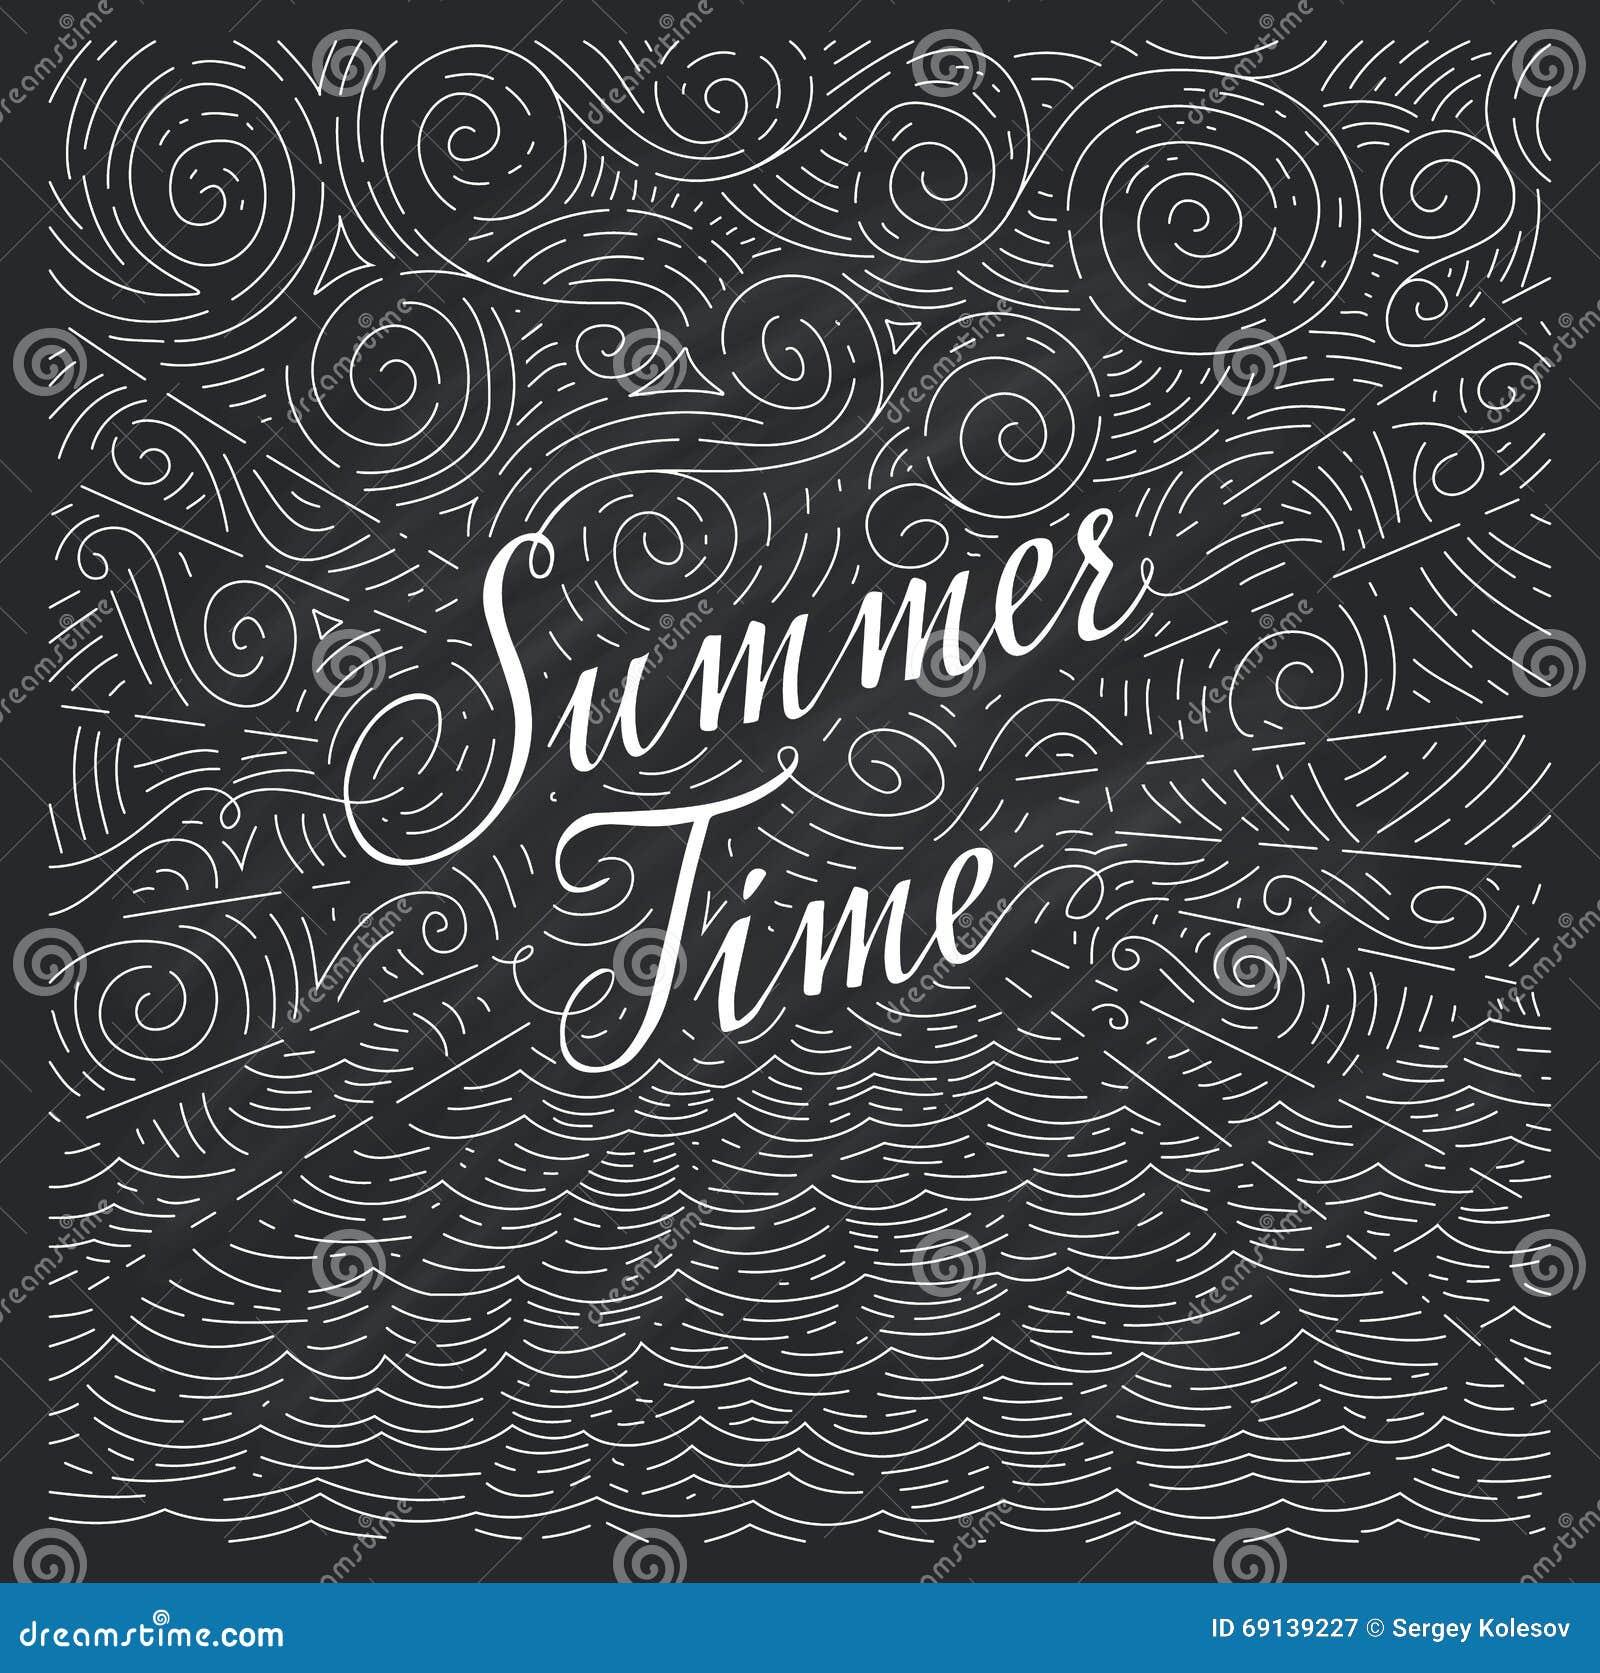 Summertime Frase Escrita à Mão Em Um Fundo Abstrato Do Mar E No Céu